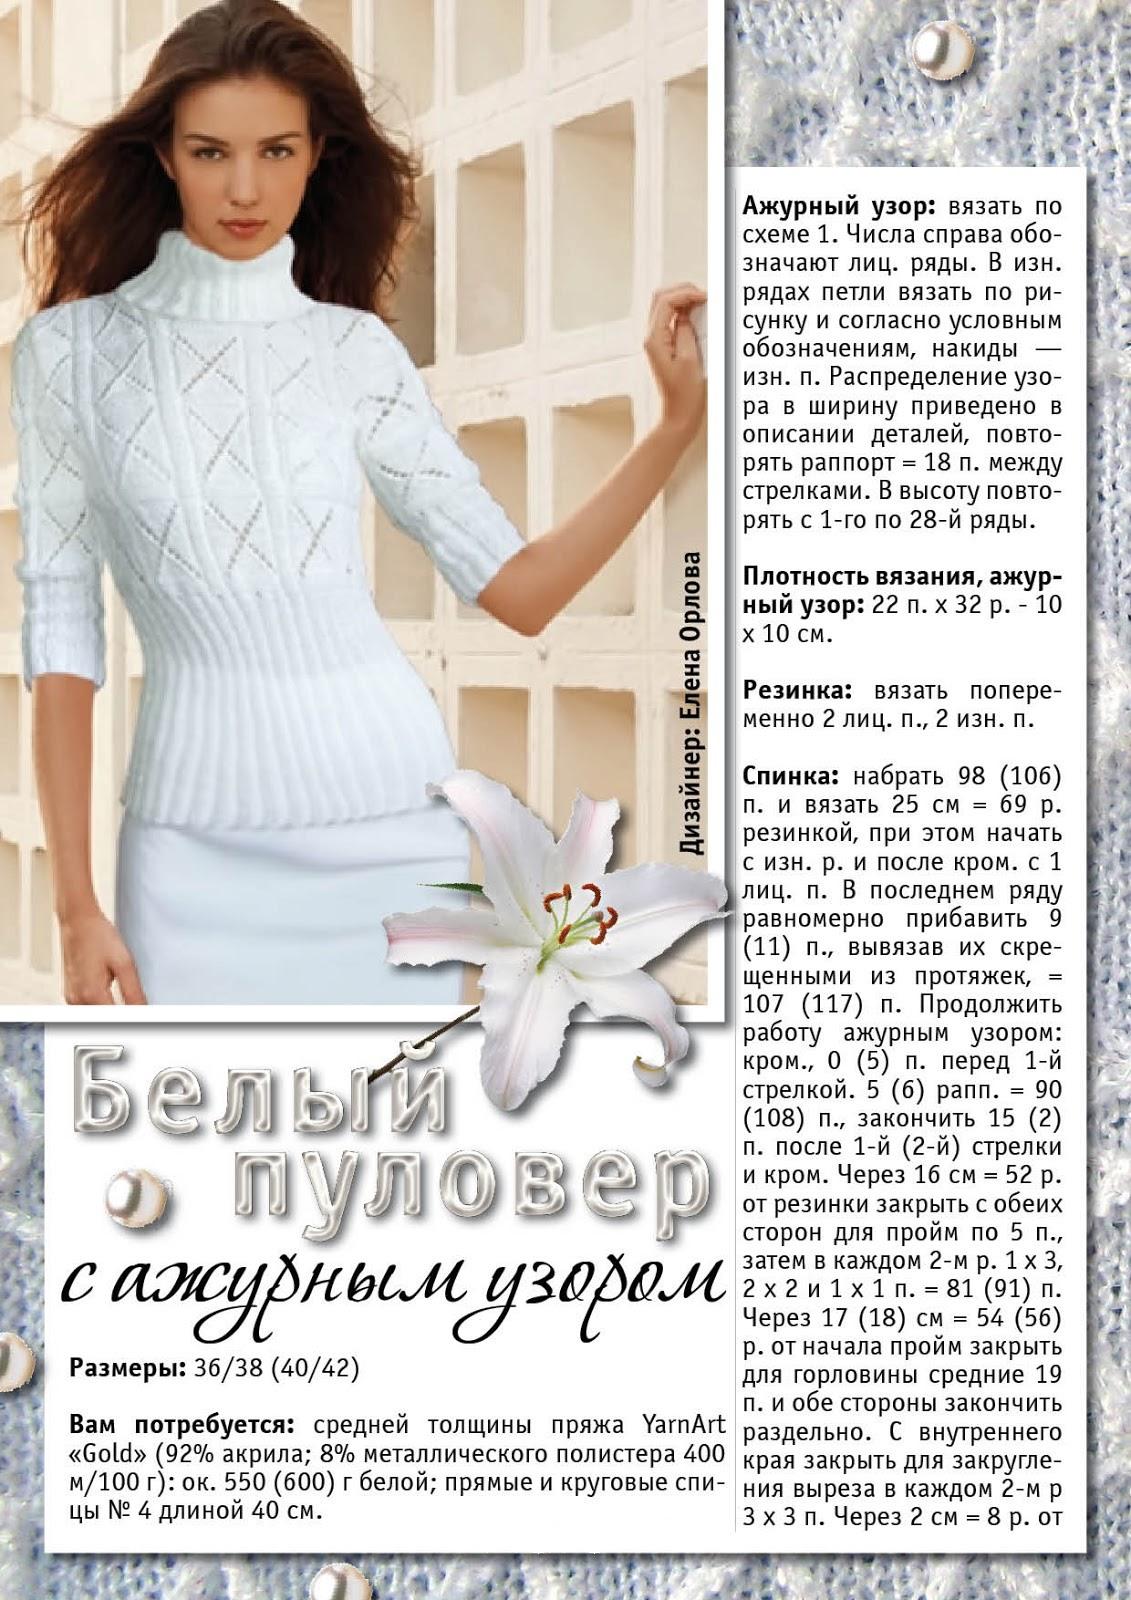 Белый свитер схема вязания 96